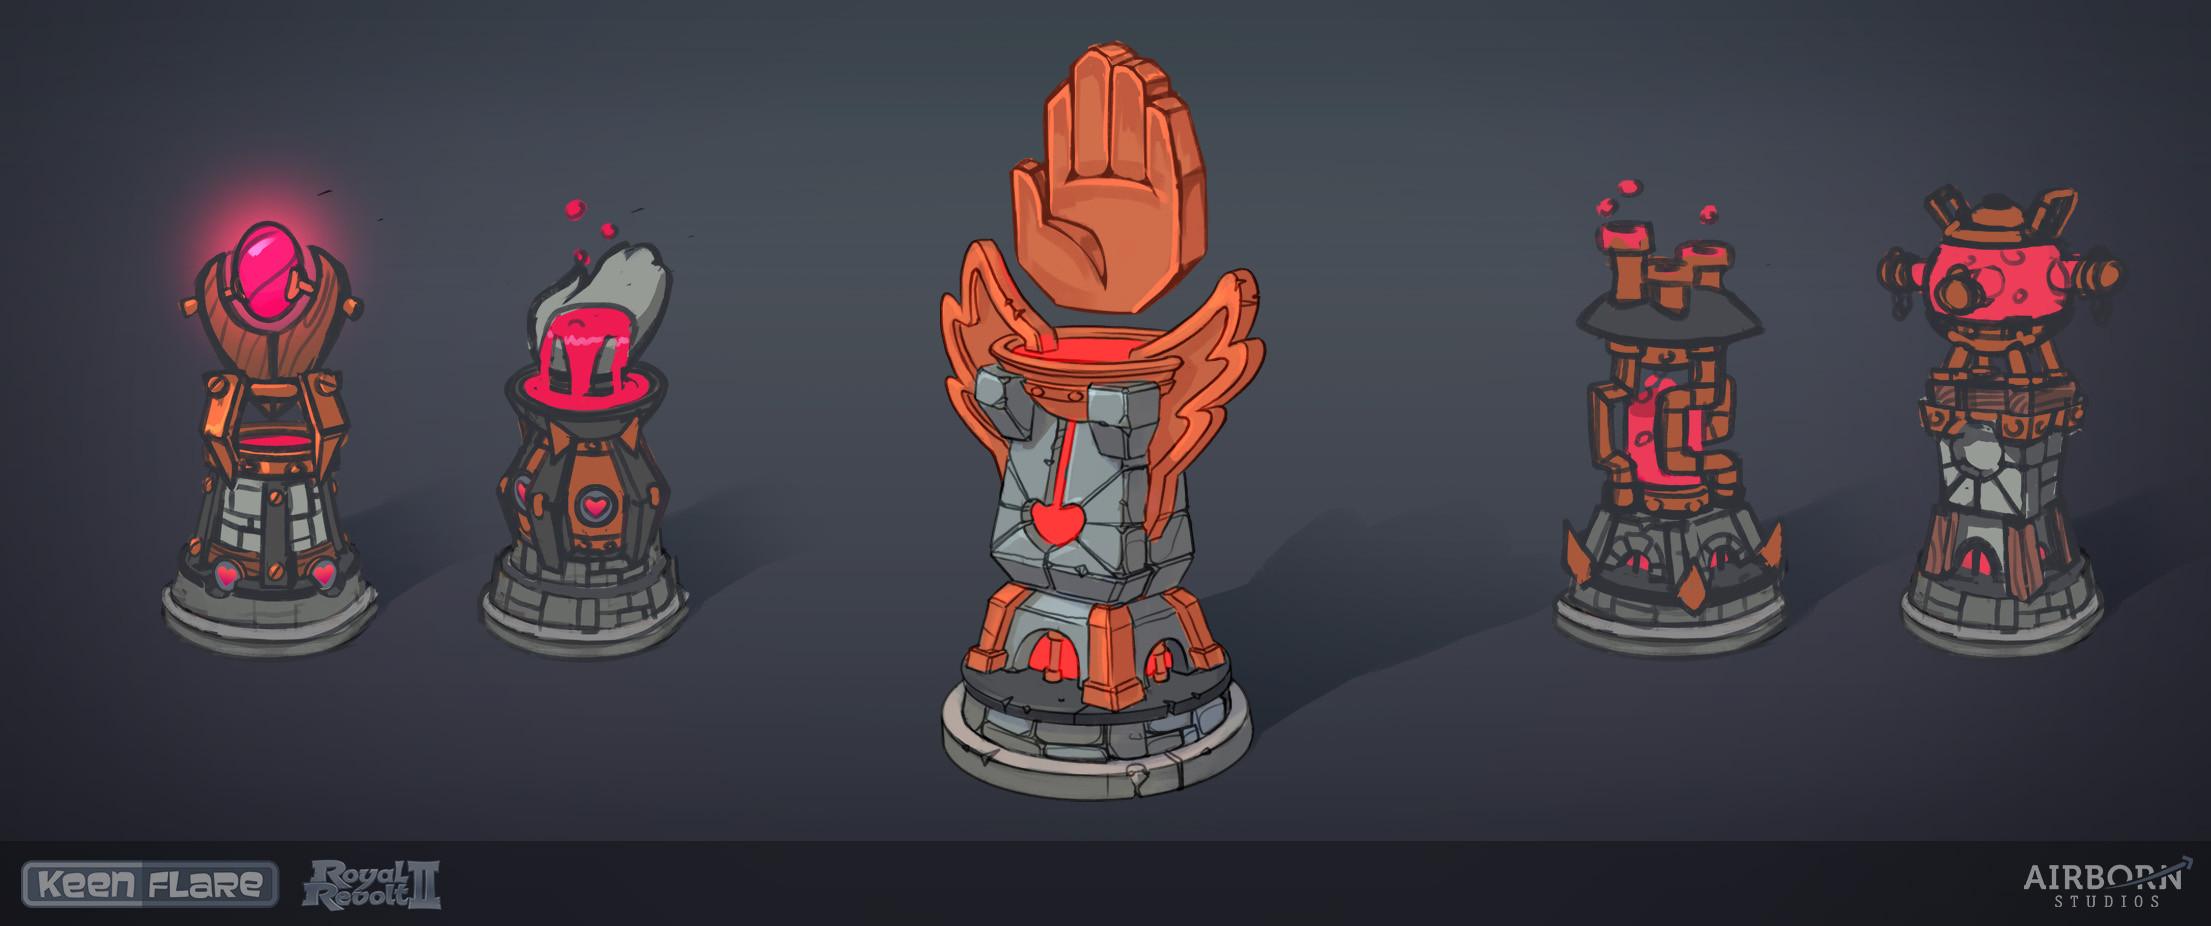 Royal Revolt 2: Heal Tower sketches  Dominik Gröstlinger